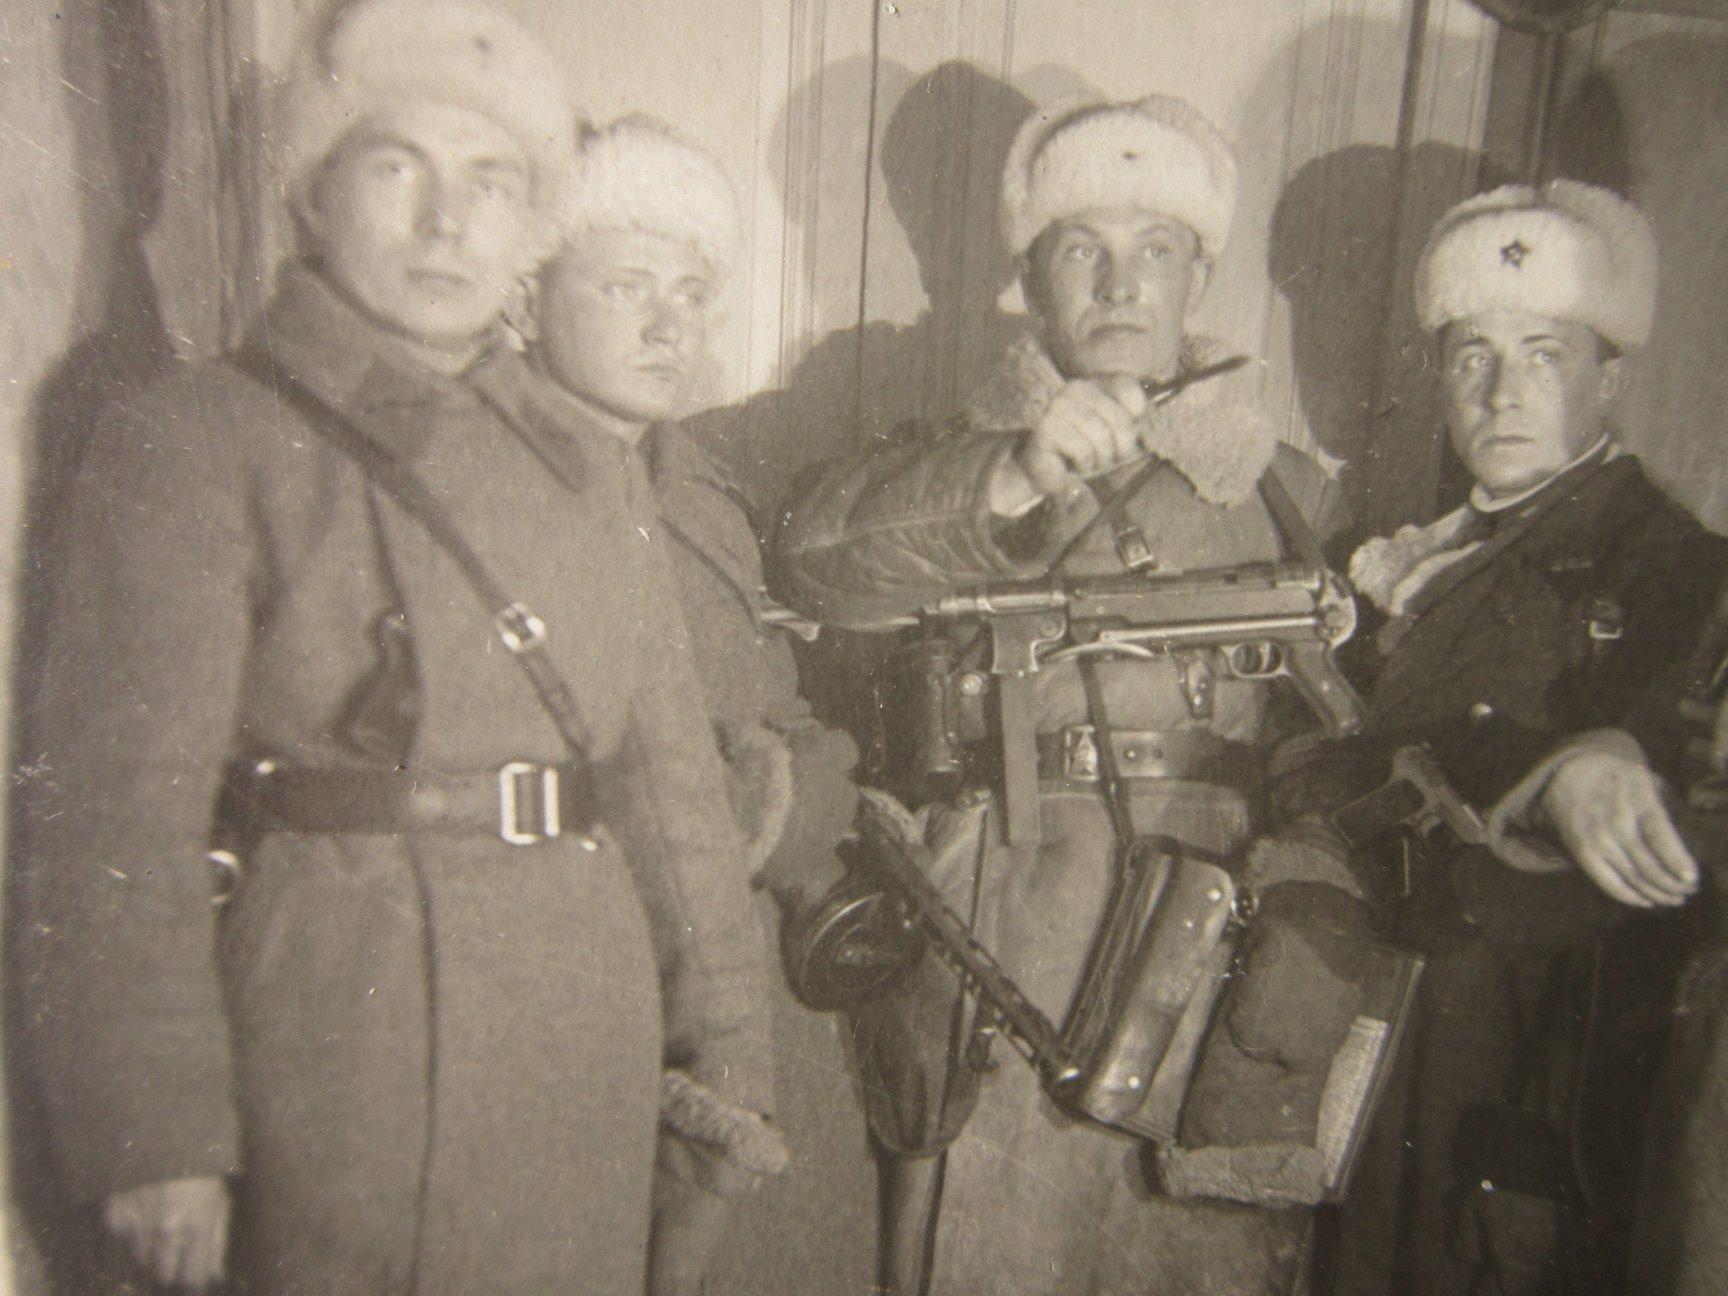 Николай с автоматом на груди (второй слева)